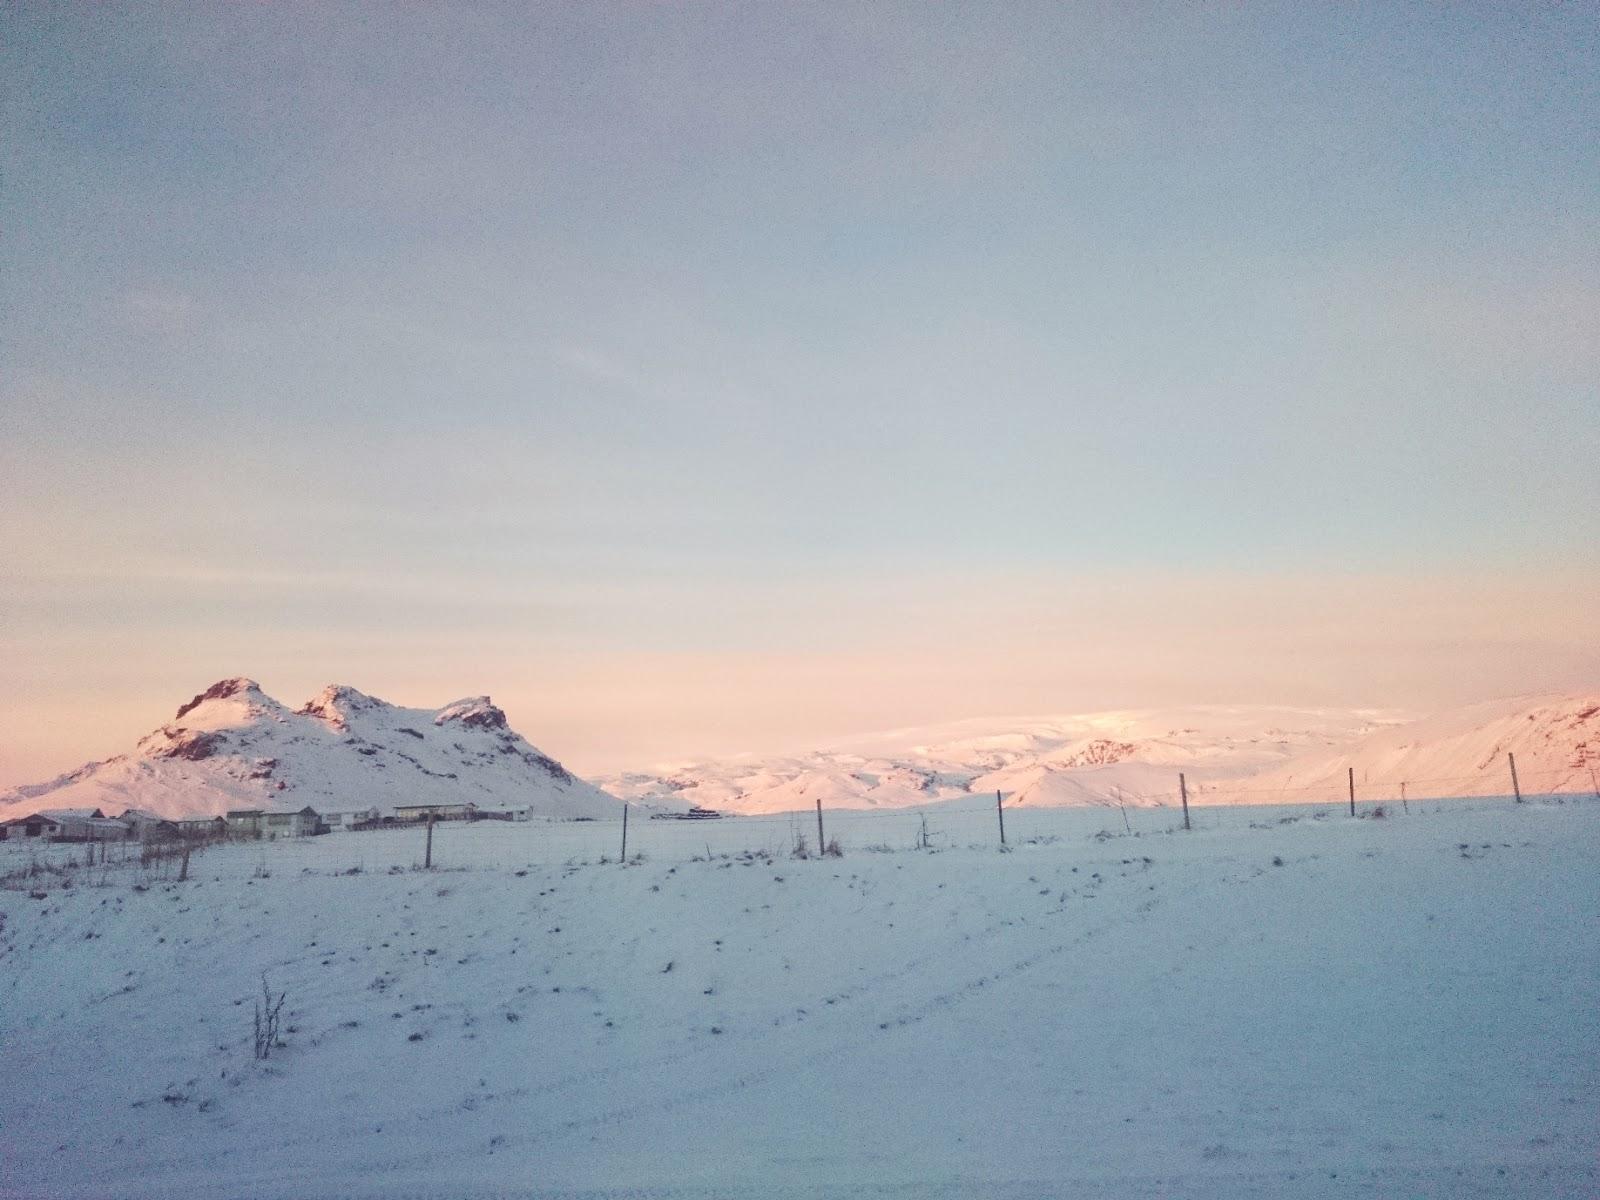 zimowe atrakcje Islandii, Islandia, krajobraz, zima, góra, lodowiec, śnieg